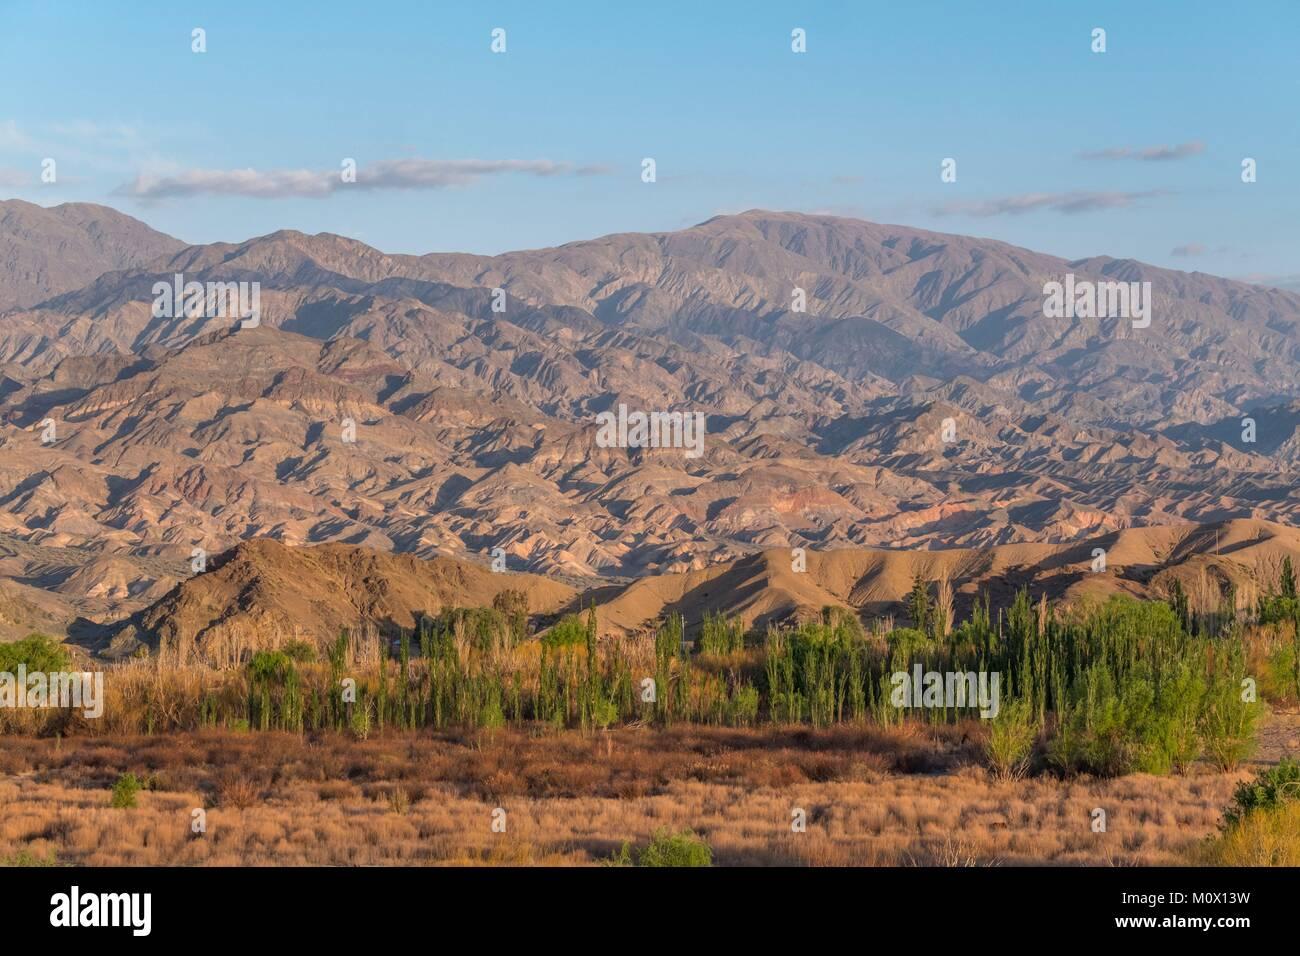 Argentina,San Juan province,Cerro Negro de La Alumbrera,Calingasta - Stock Image